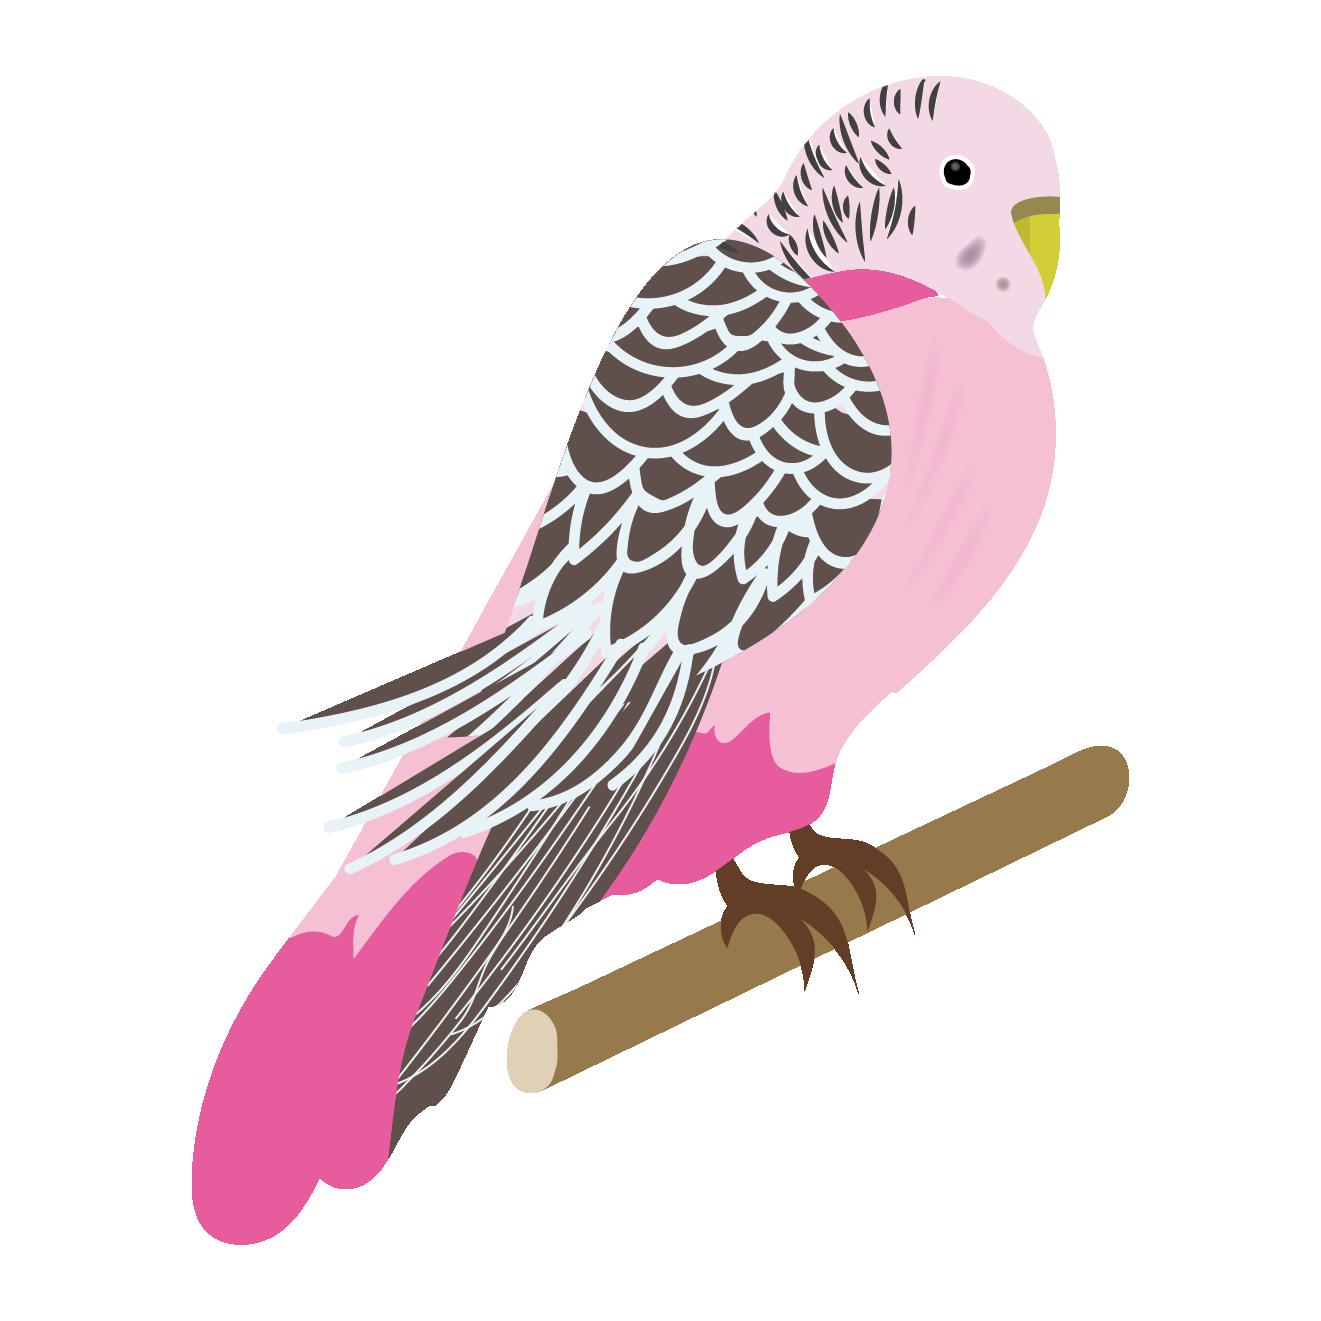 インコ イラストピンク色 セキセイ インコ 商用フリー無料の